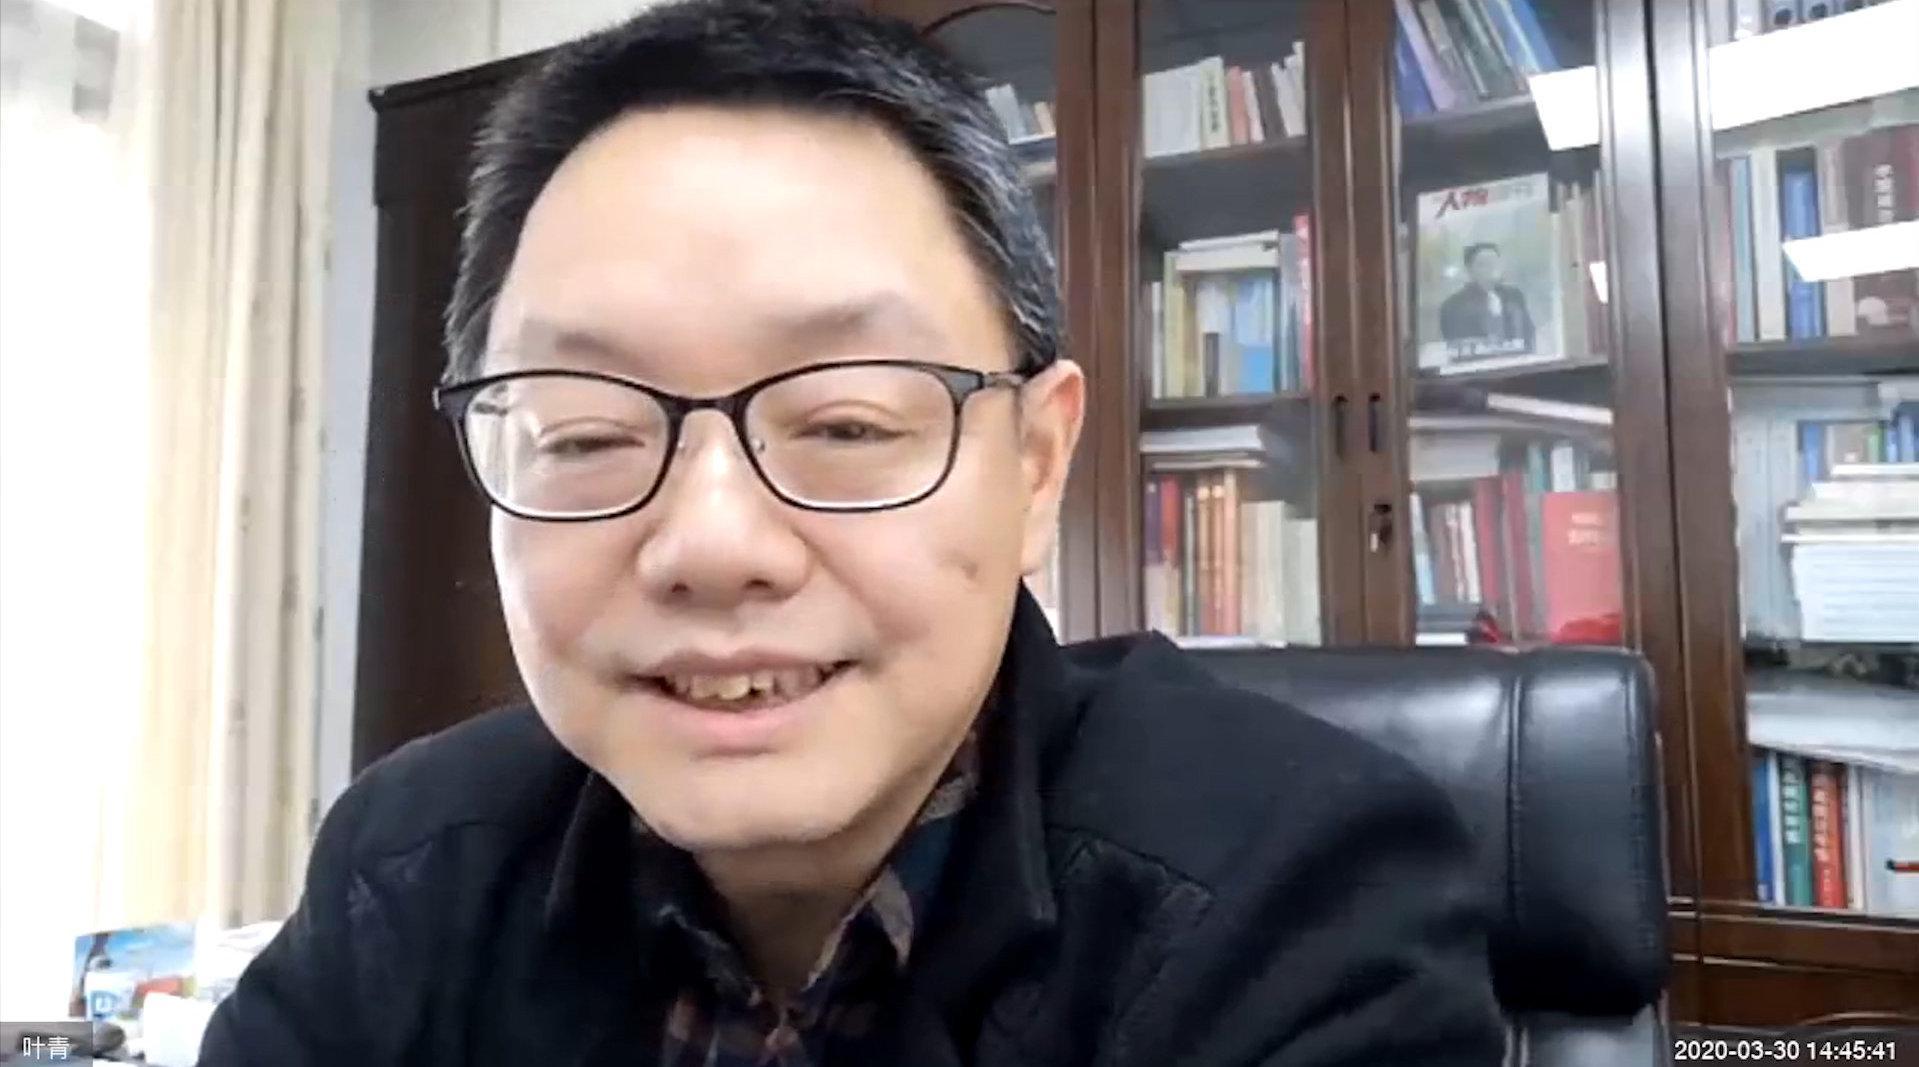 湖北省统计局副局长叶青:对经济预测不要太悲观